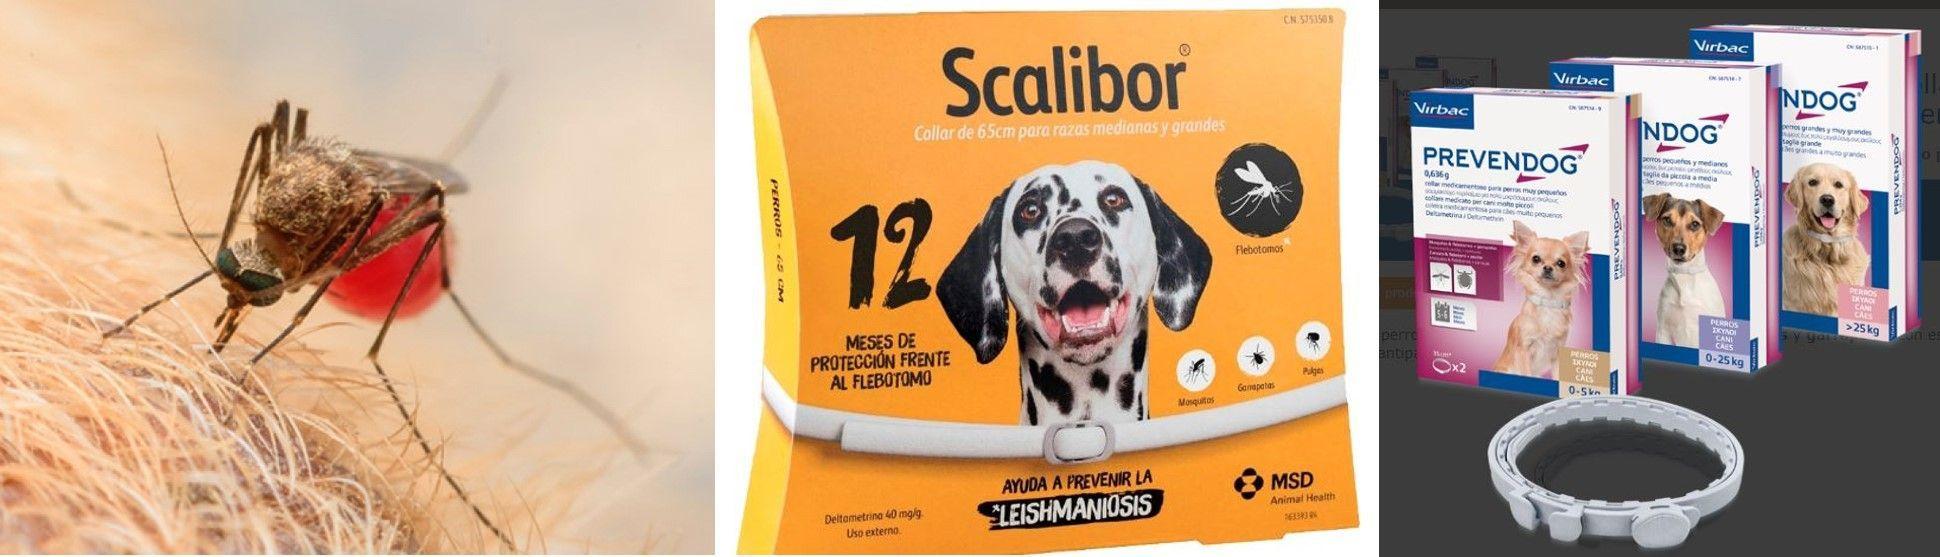 medicamentos-prevencion-leishmania-canina